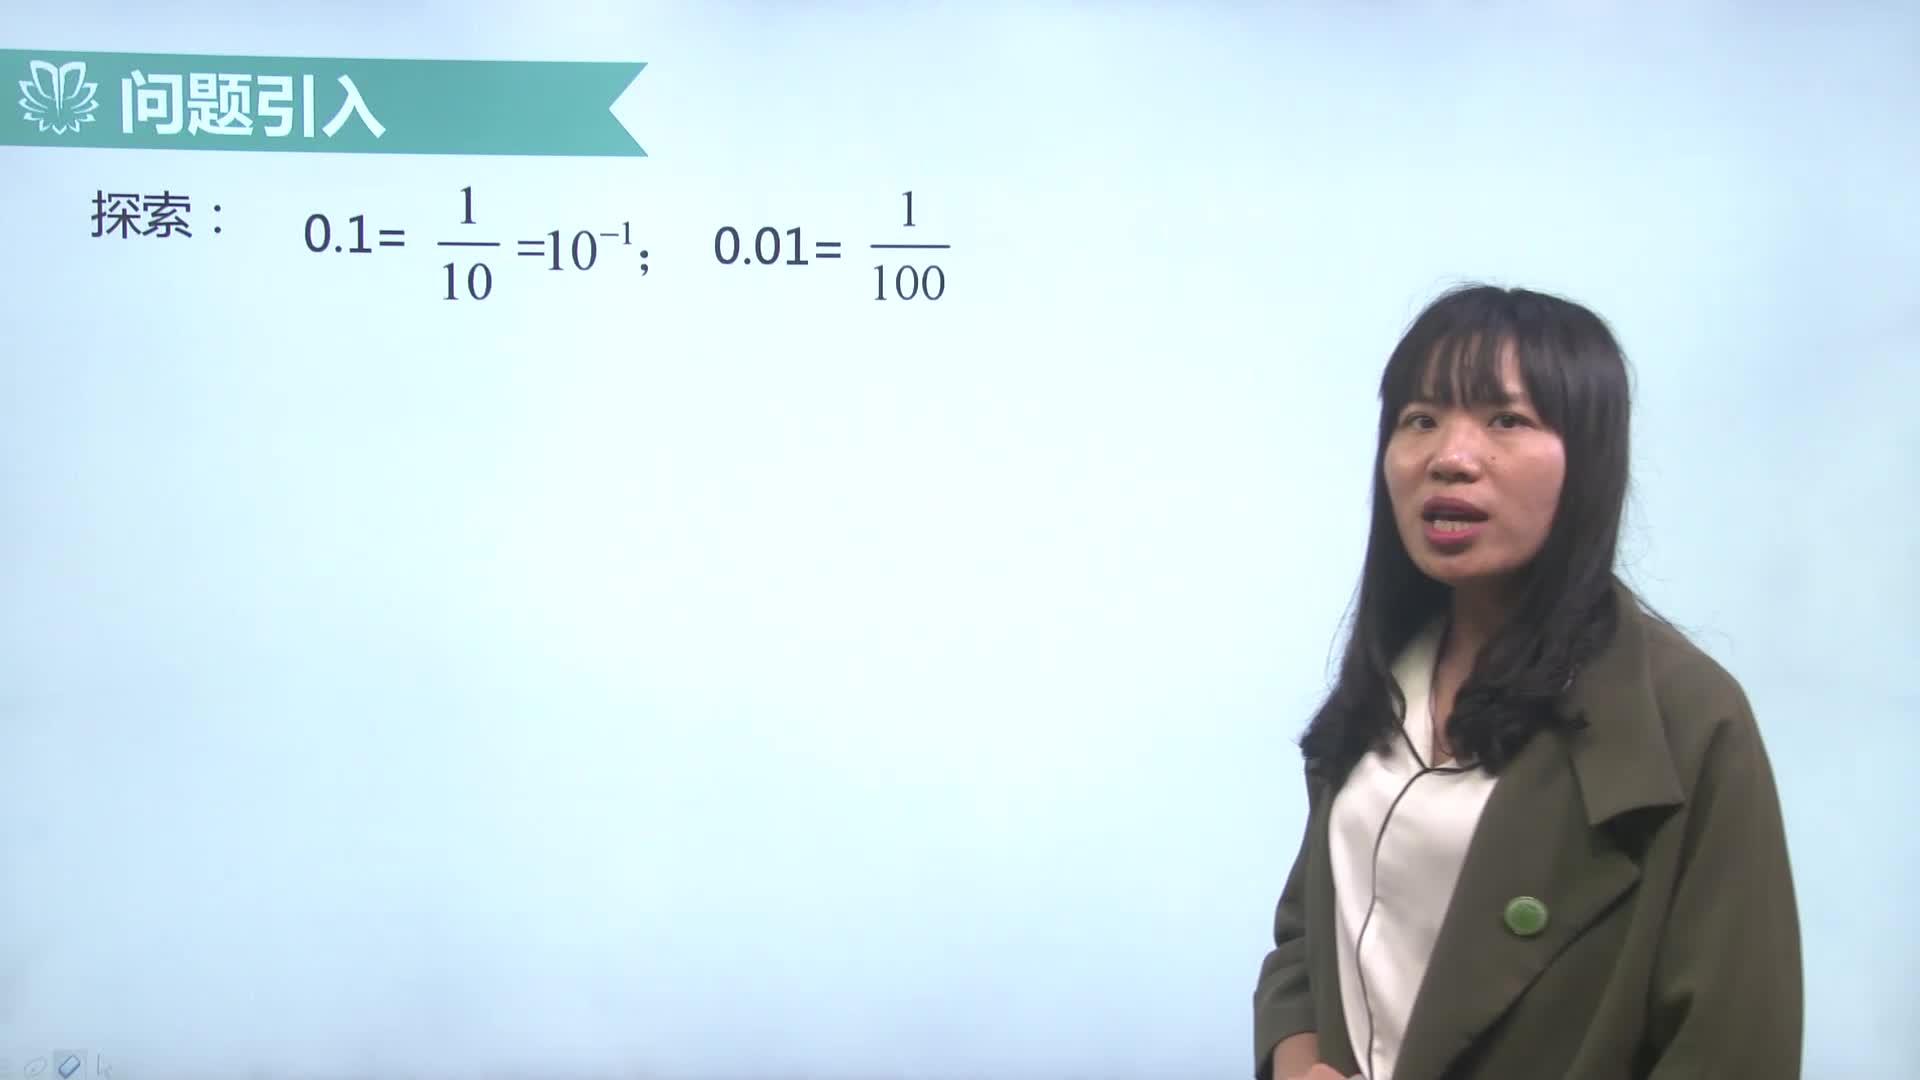 視頻50 15.2.3.2整數指數冪(2)科學記數法【慕聯】初中完全同步系列人教版數學八年級上冊